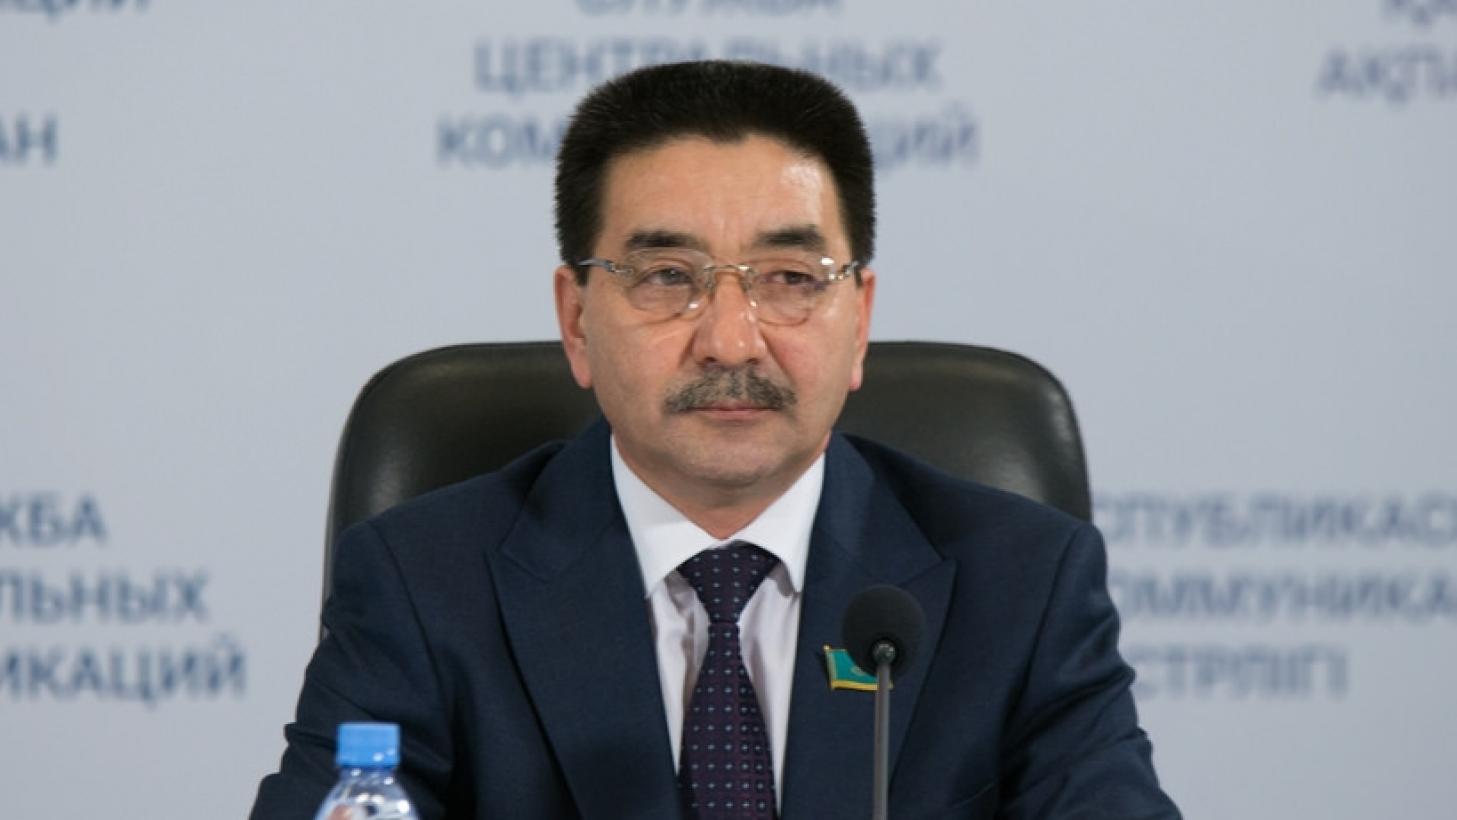 Коммунист Жамбыл Ахметбеков сдал экзамен на знание госязыка